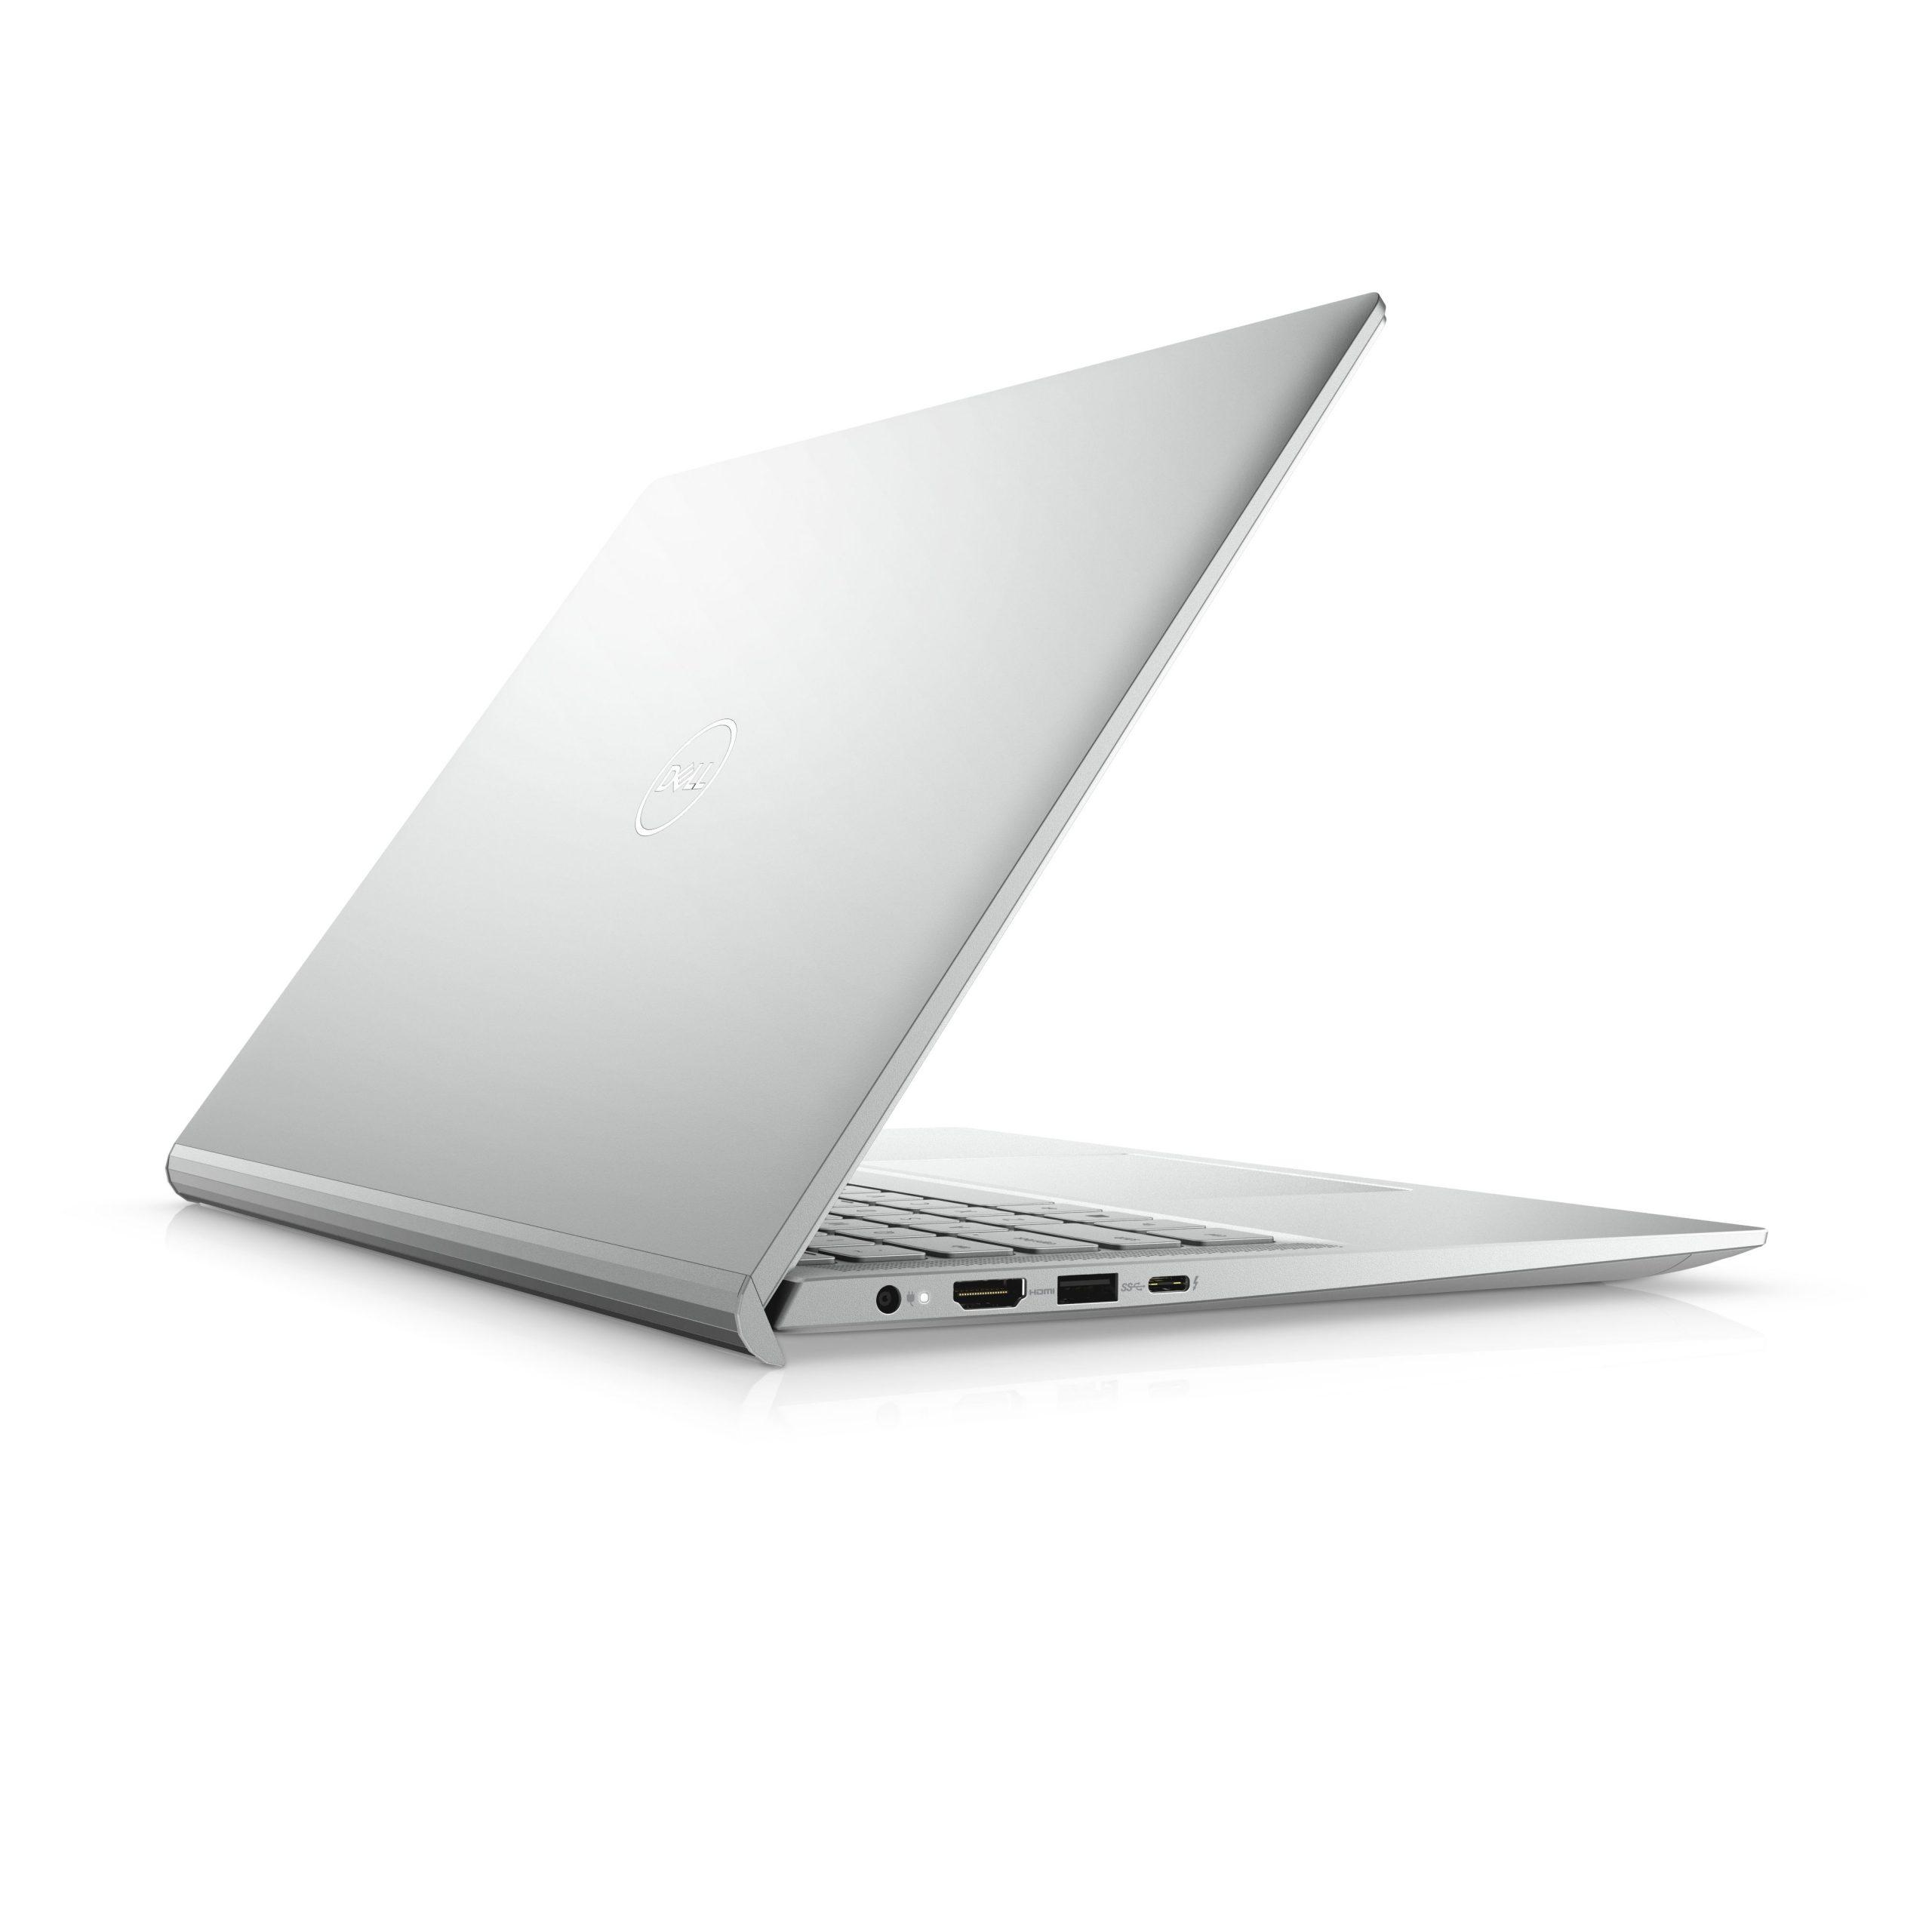 Dell משיקה בישראל את ה-Inspirion 7400